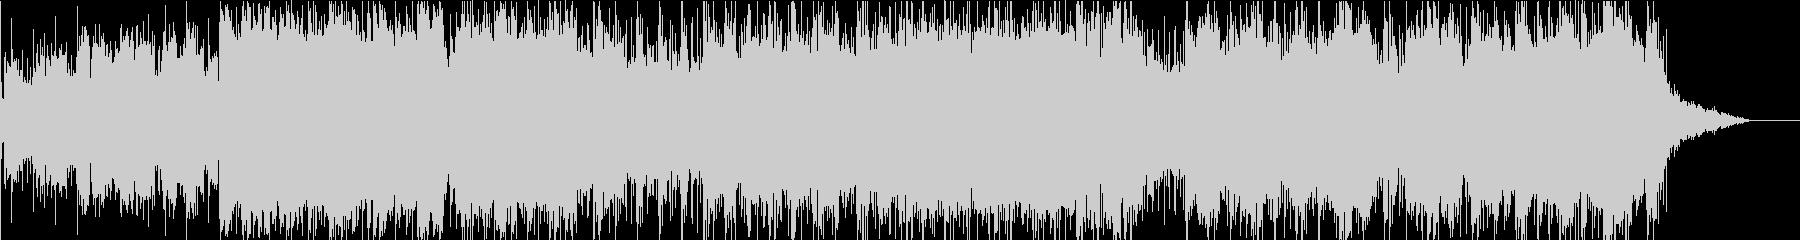 アラベスク1番 lofiMIXの未再生の波形